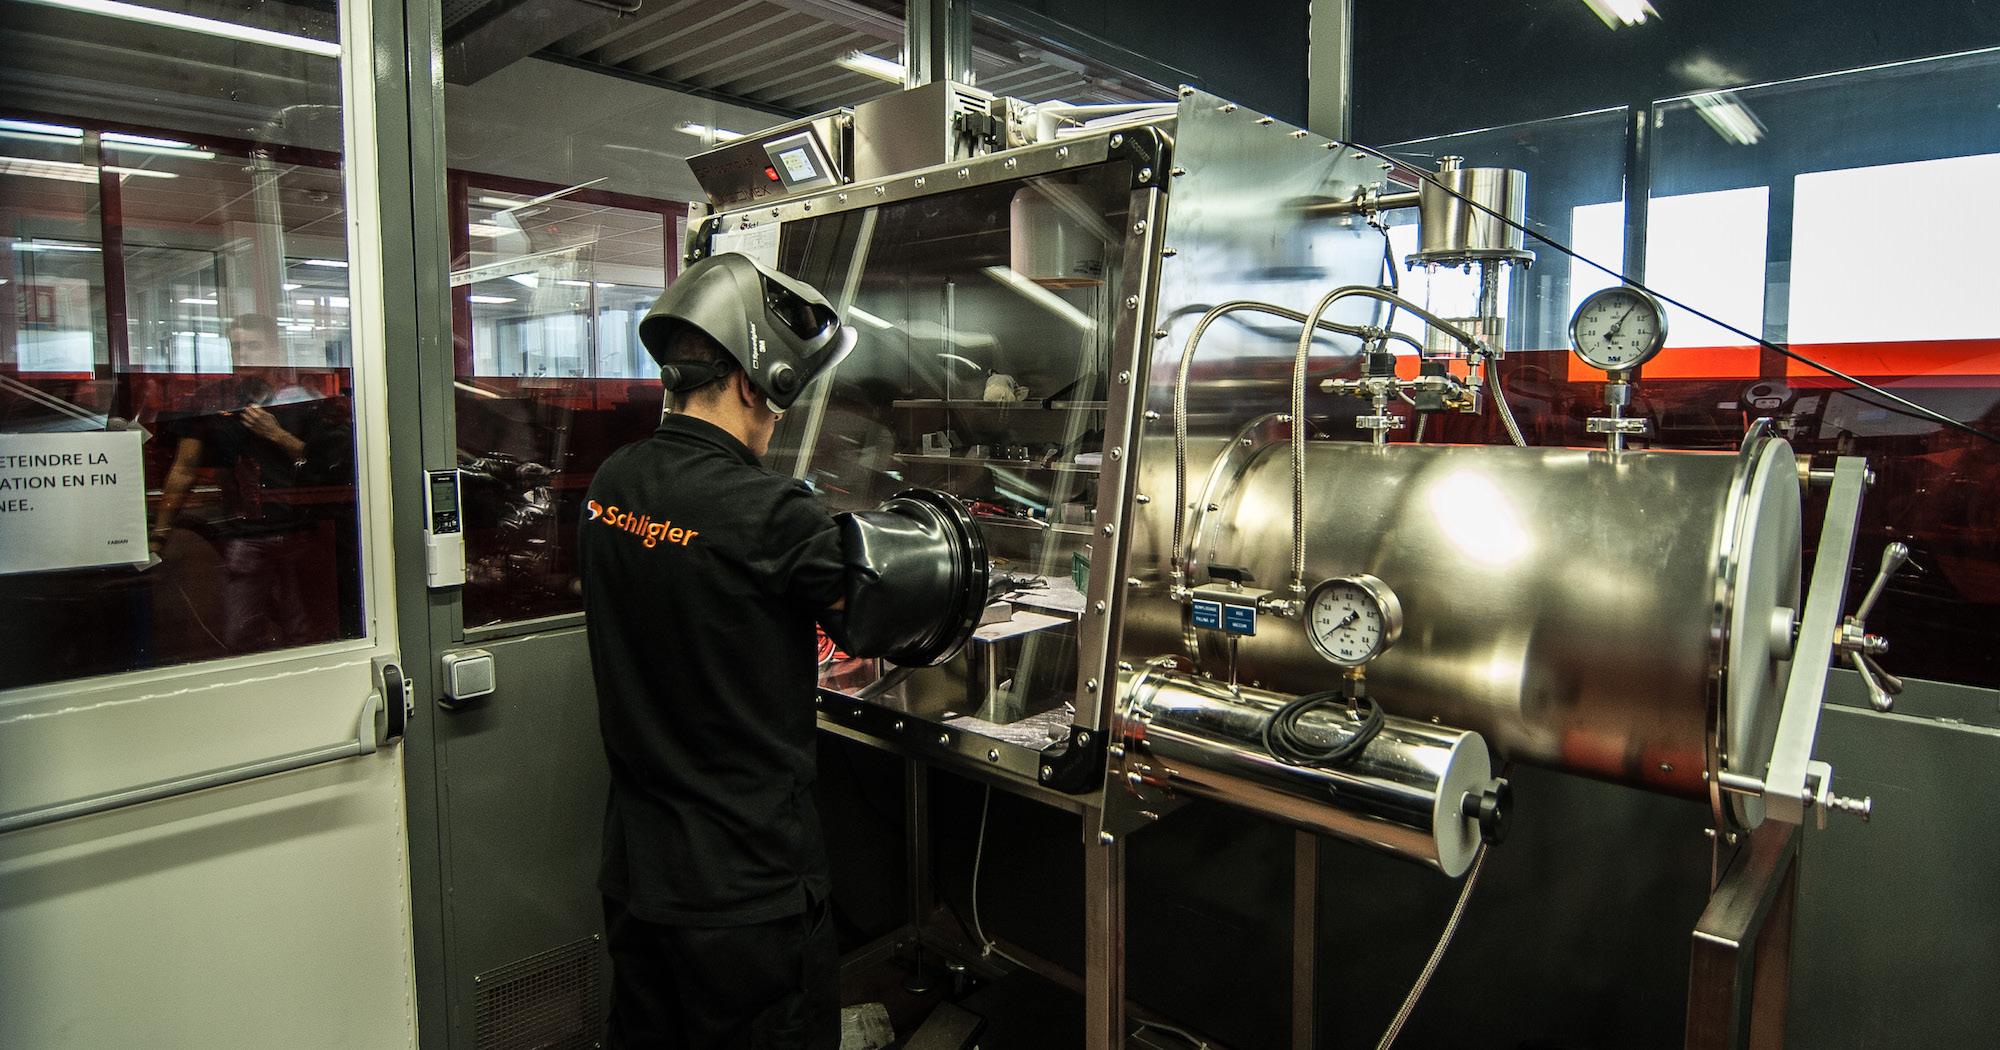 Schligler - fabrication de pièces industrielles mécaniques et la tôlerie de précision